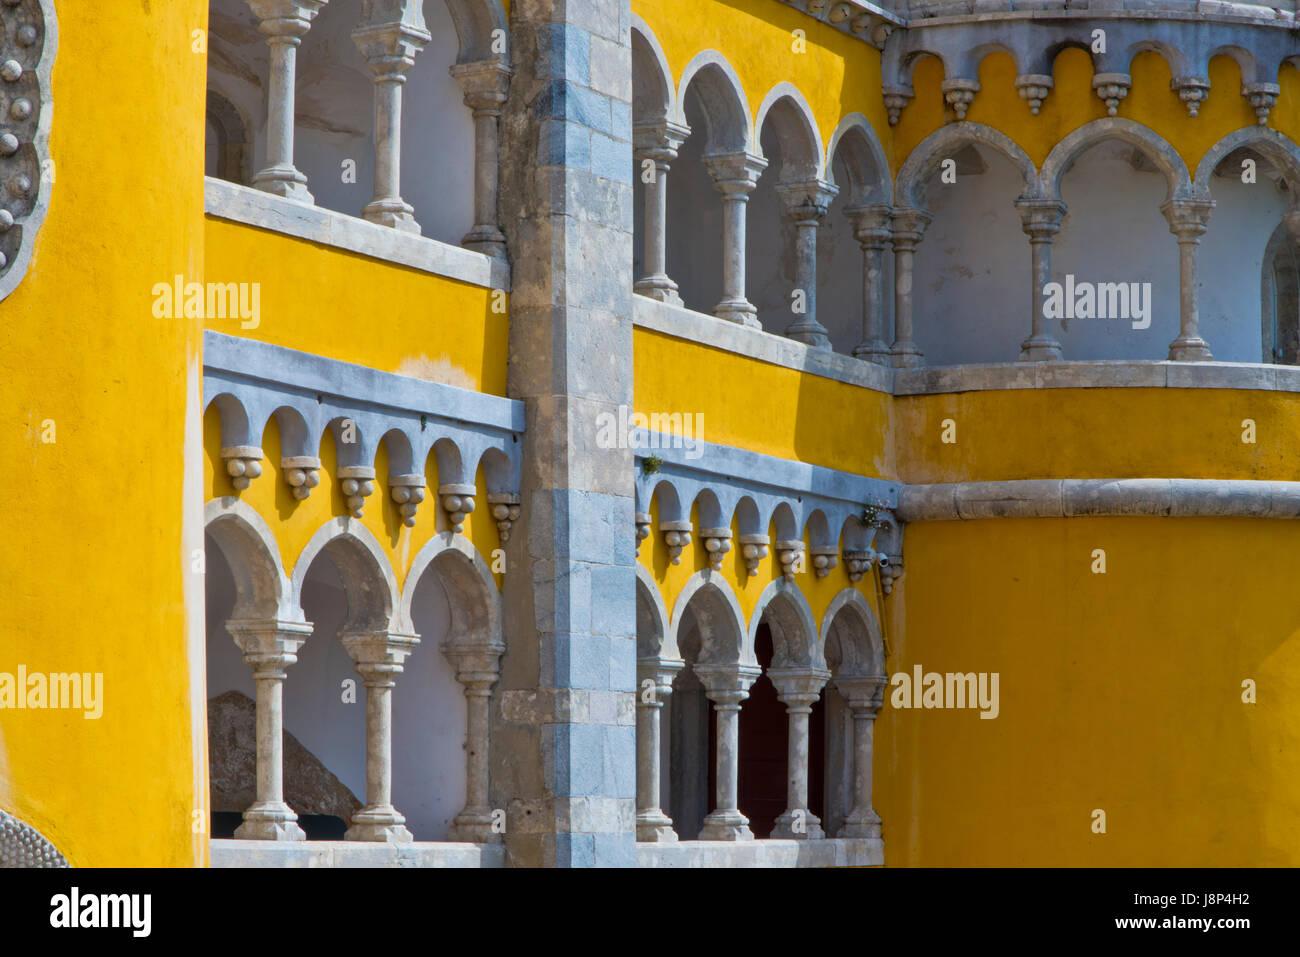 Second floor walkway at Palacio de Pena, Portugal - Stock Image